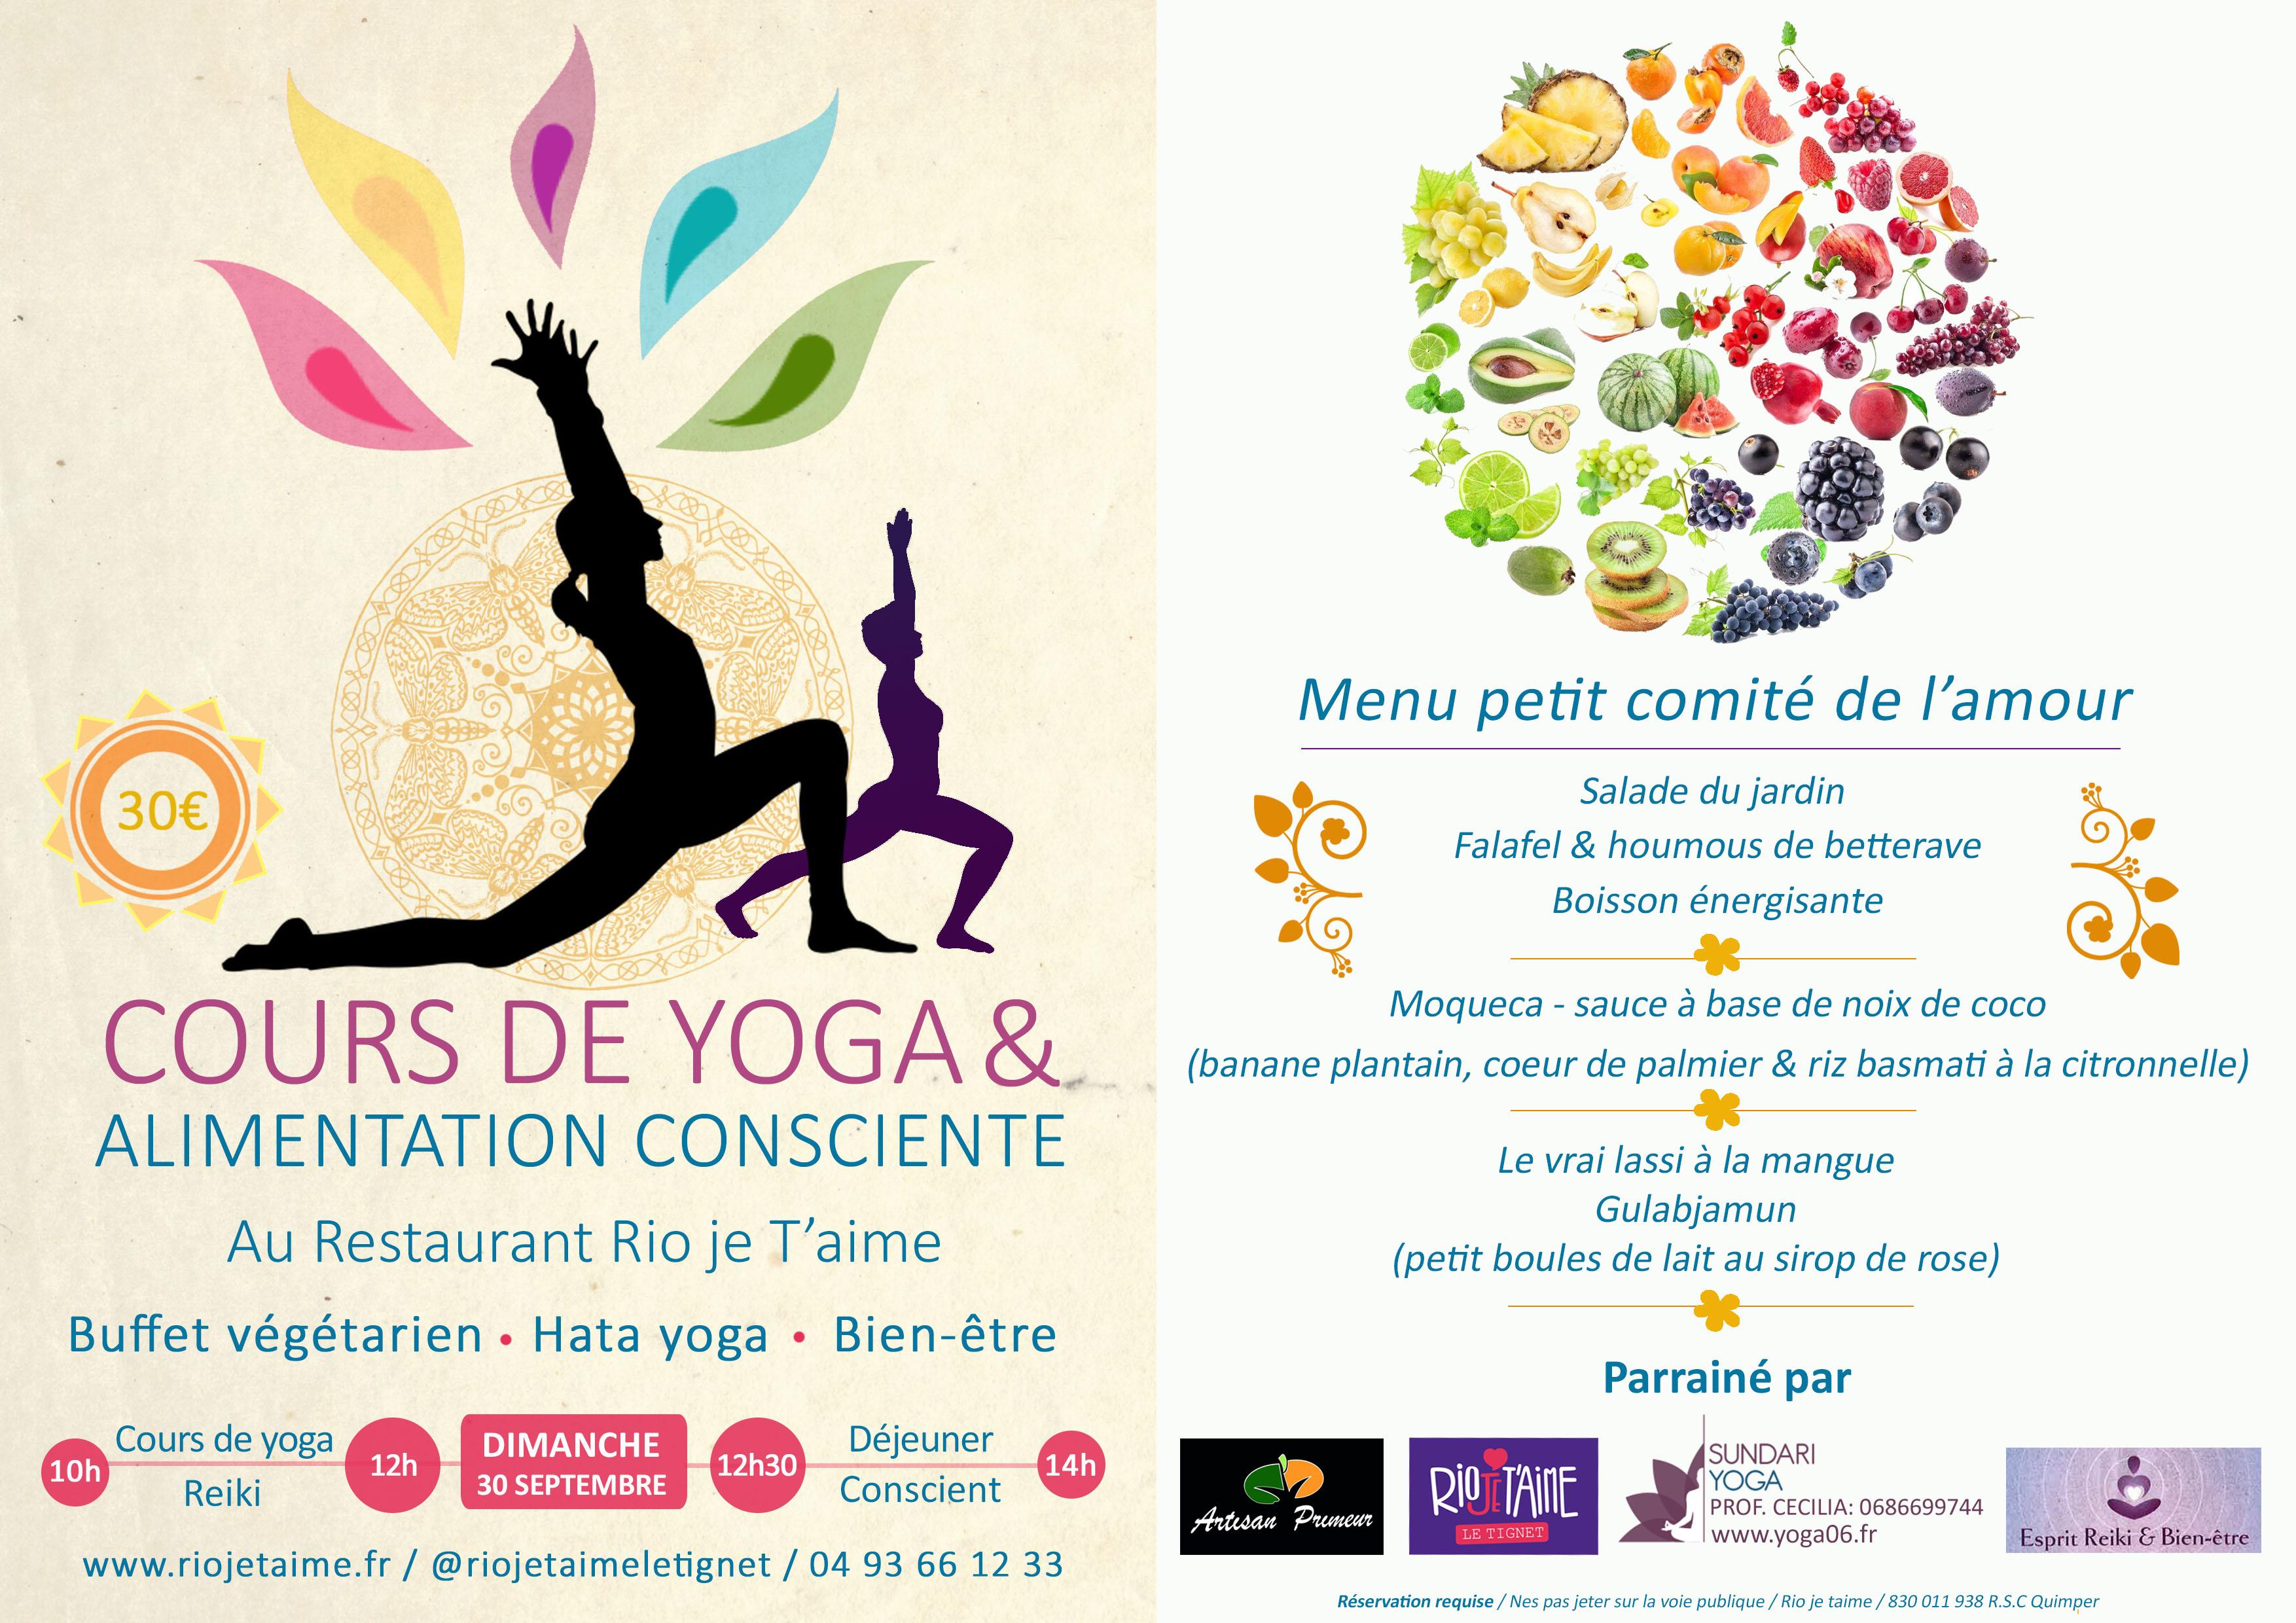 Yoga et alimentation consciente  Rio je t'aime